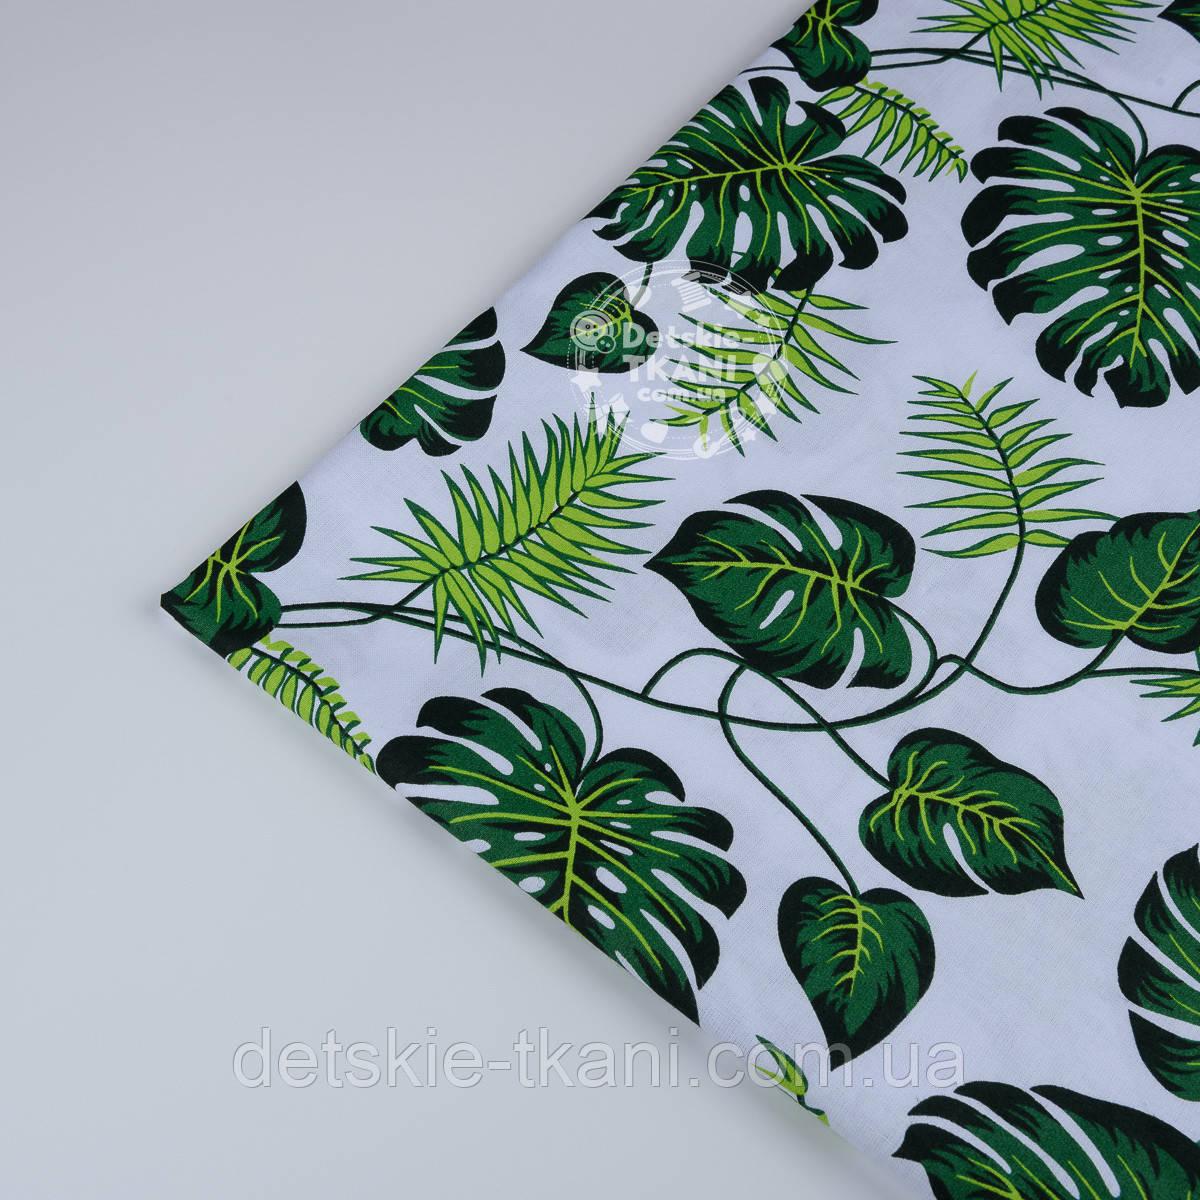 """Лоскут ткани """"Листья монстеры"""" зелёные на белом среднего размера, №1291, размер 44*80 см"""